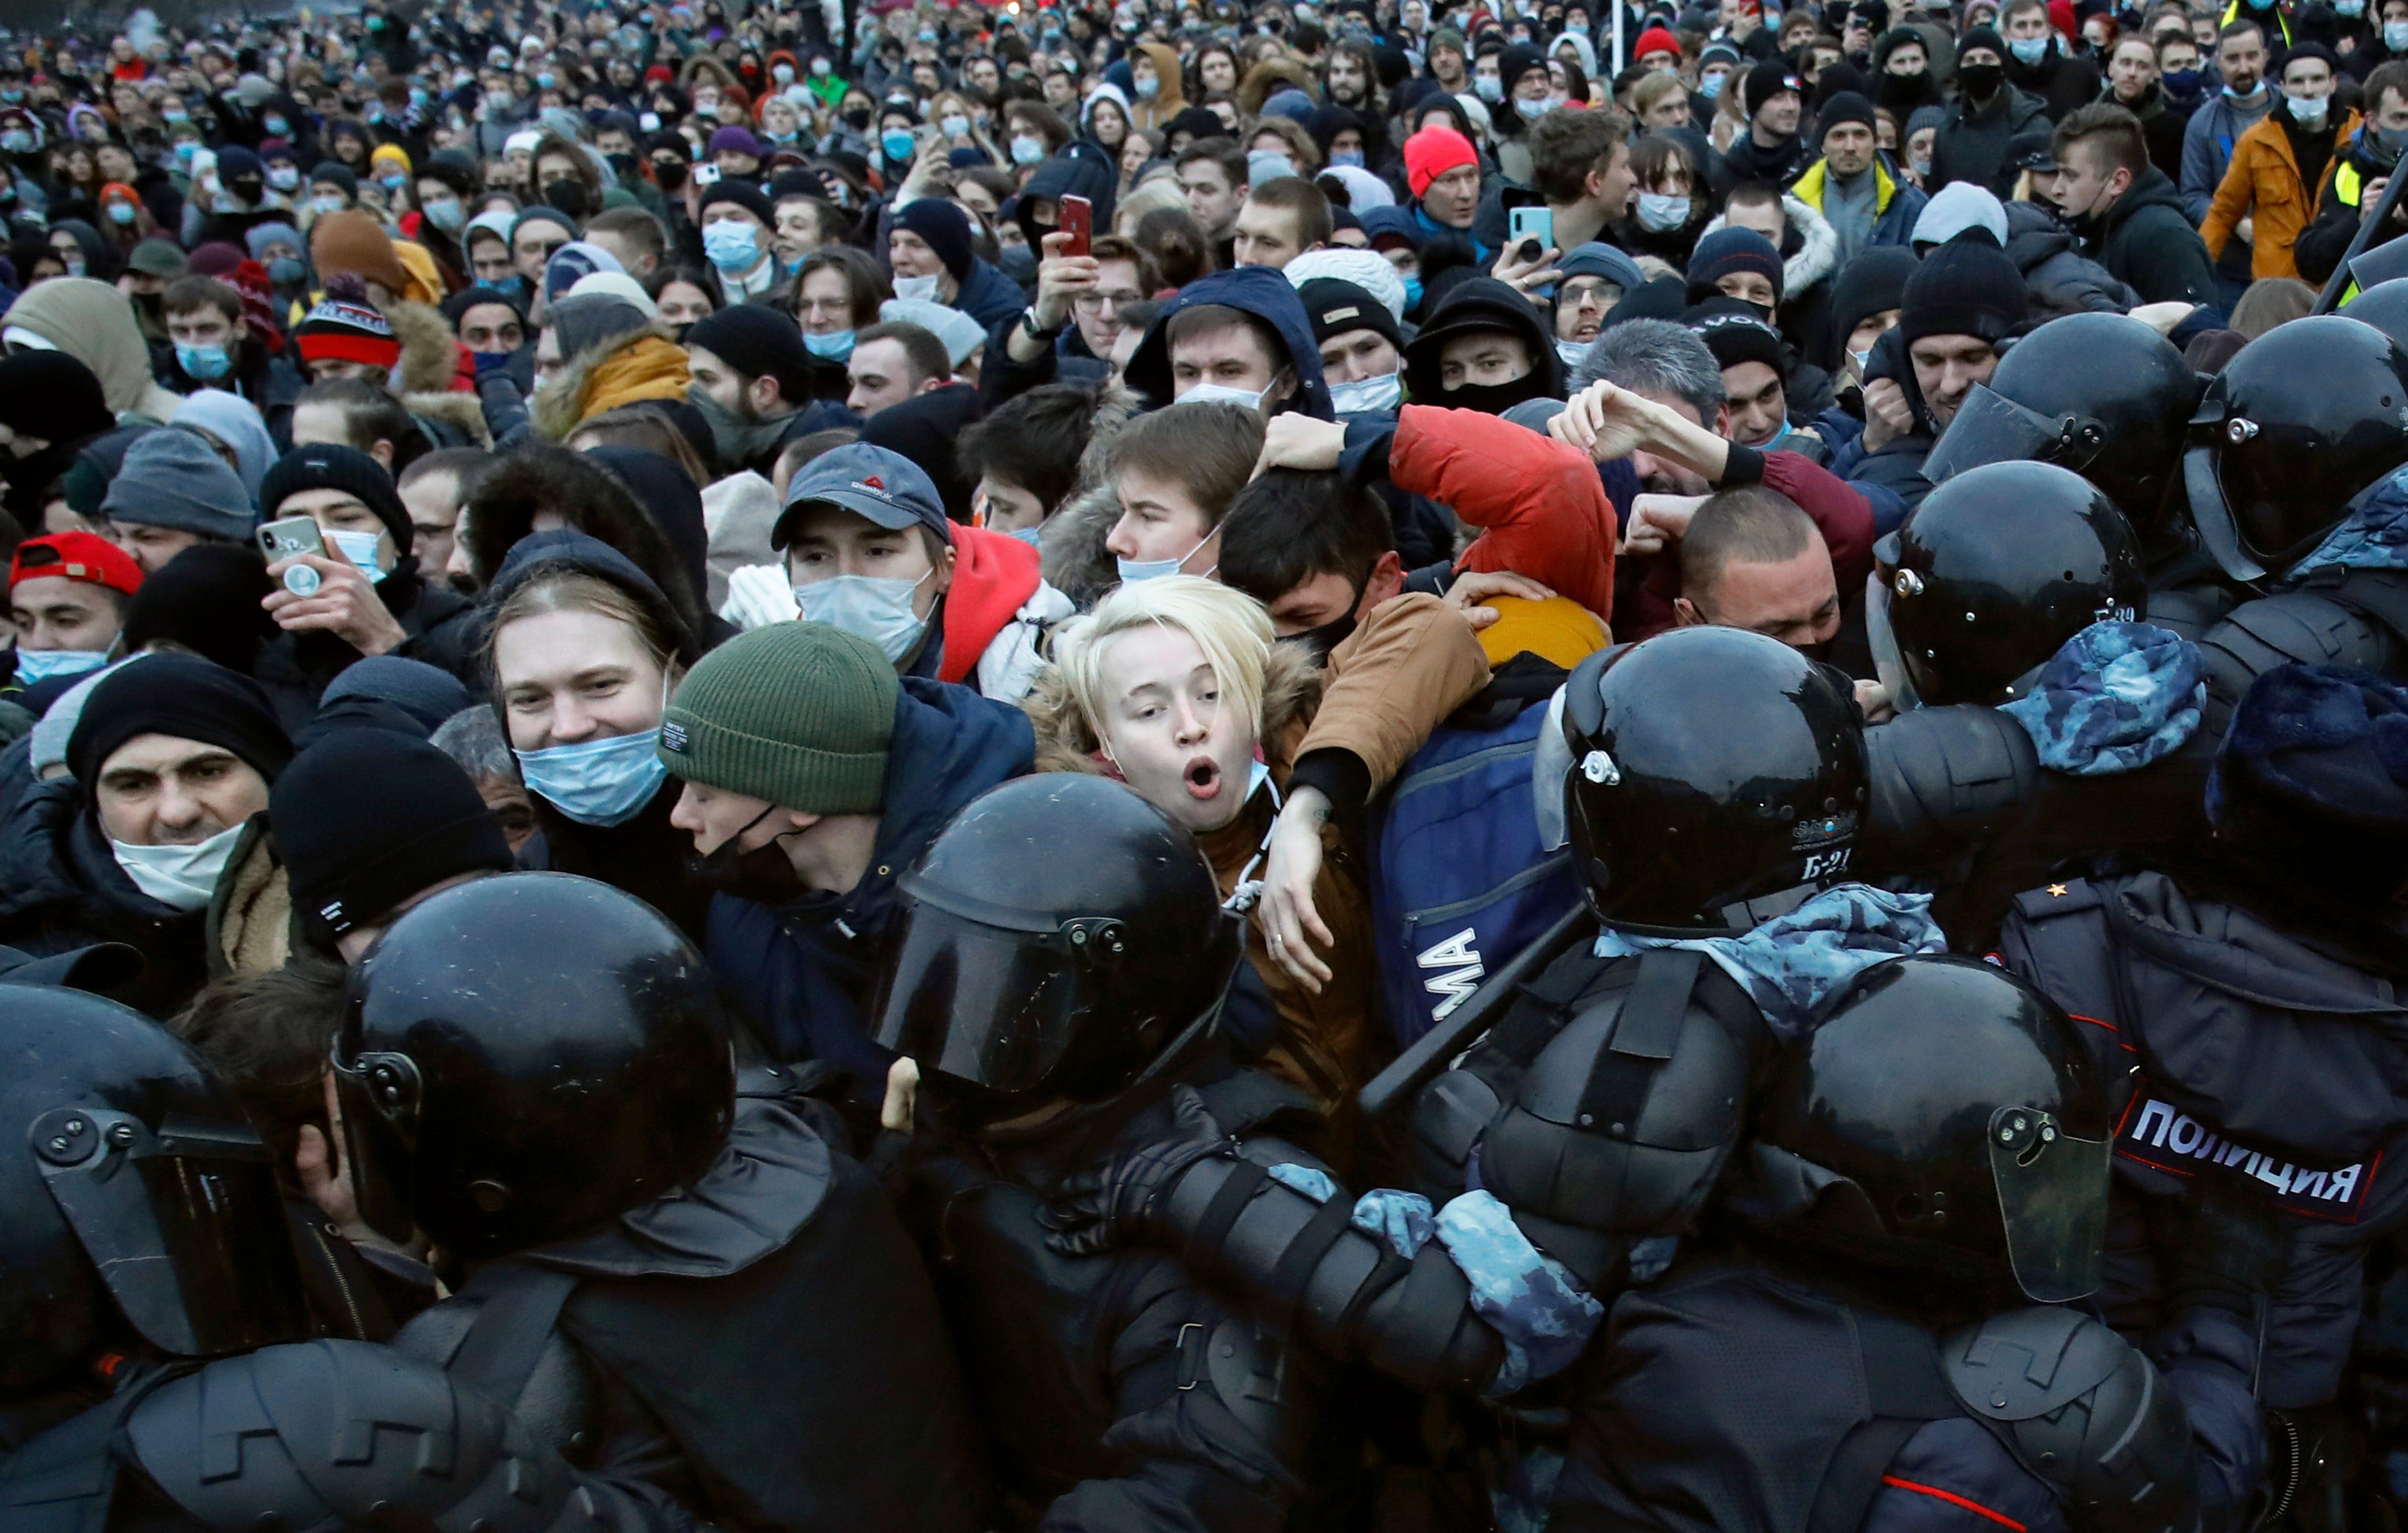 Biden promised to get tough on Putin. Start now by saving Alexei Navalny: Garry Kasparov